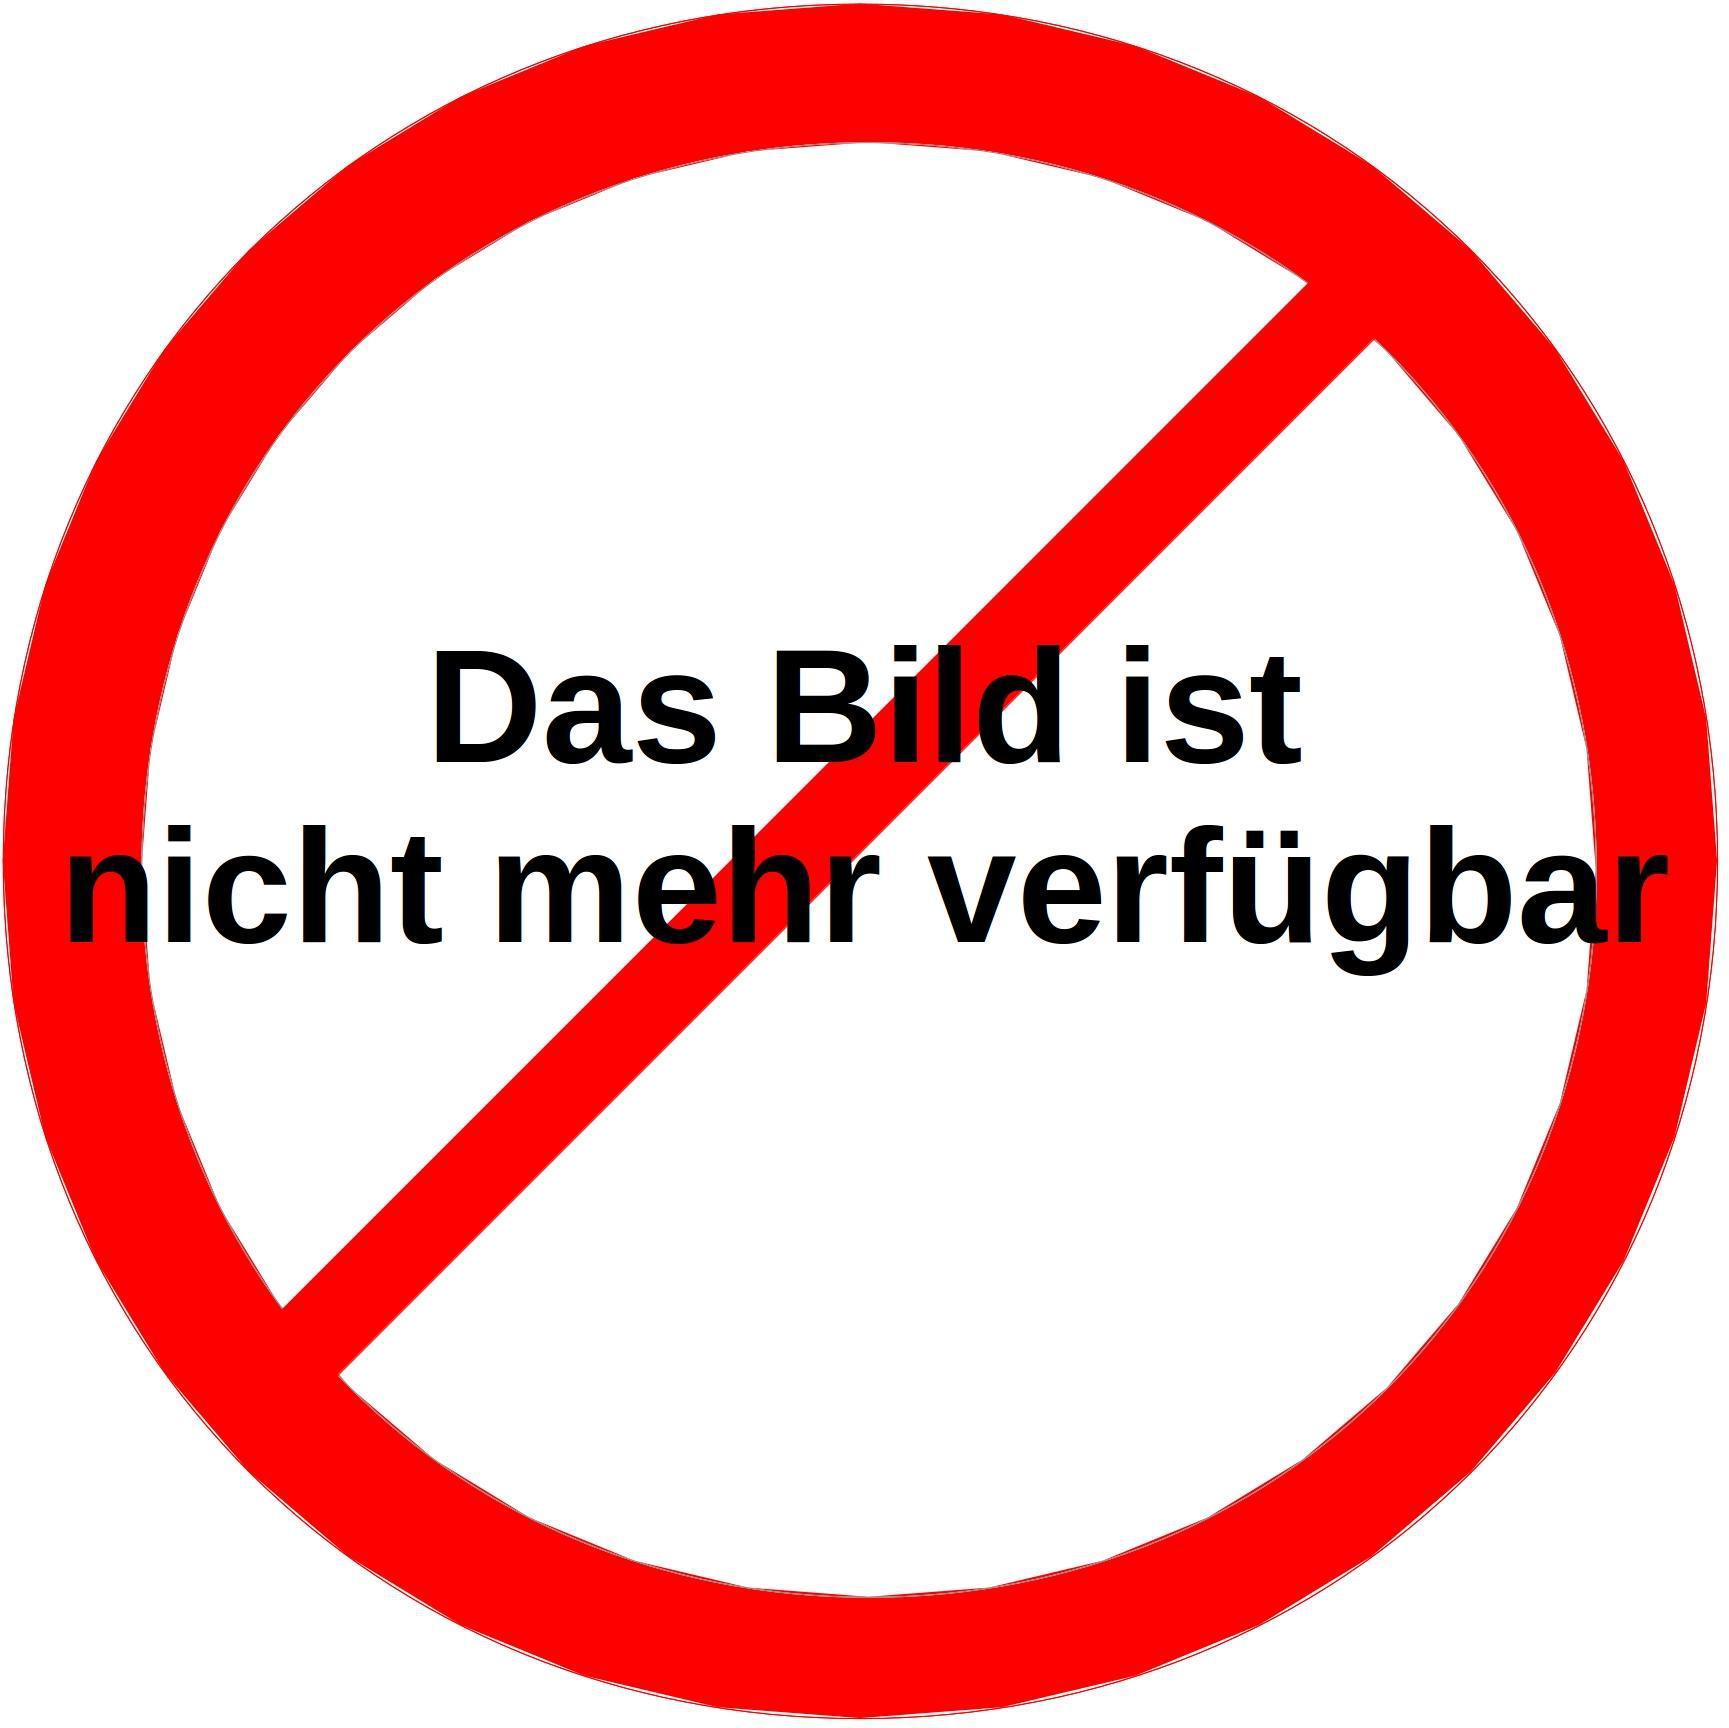 INNENANSICHTEN - allgemeine_Gruenflaeche_n